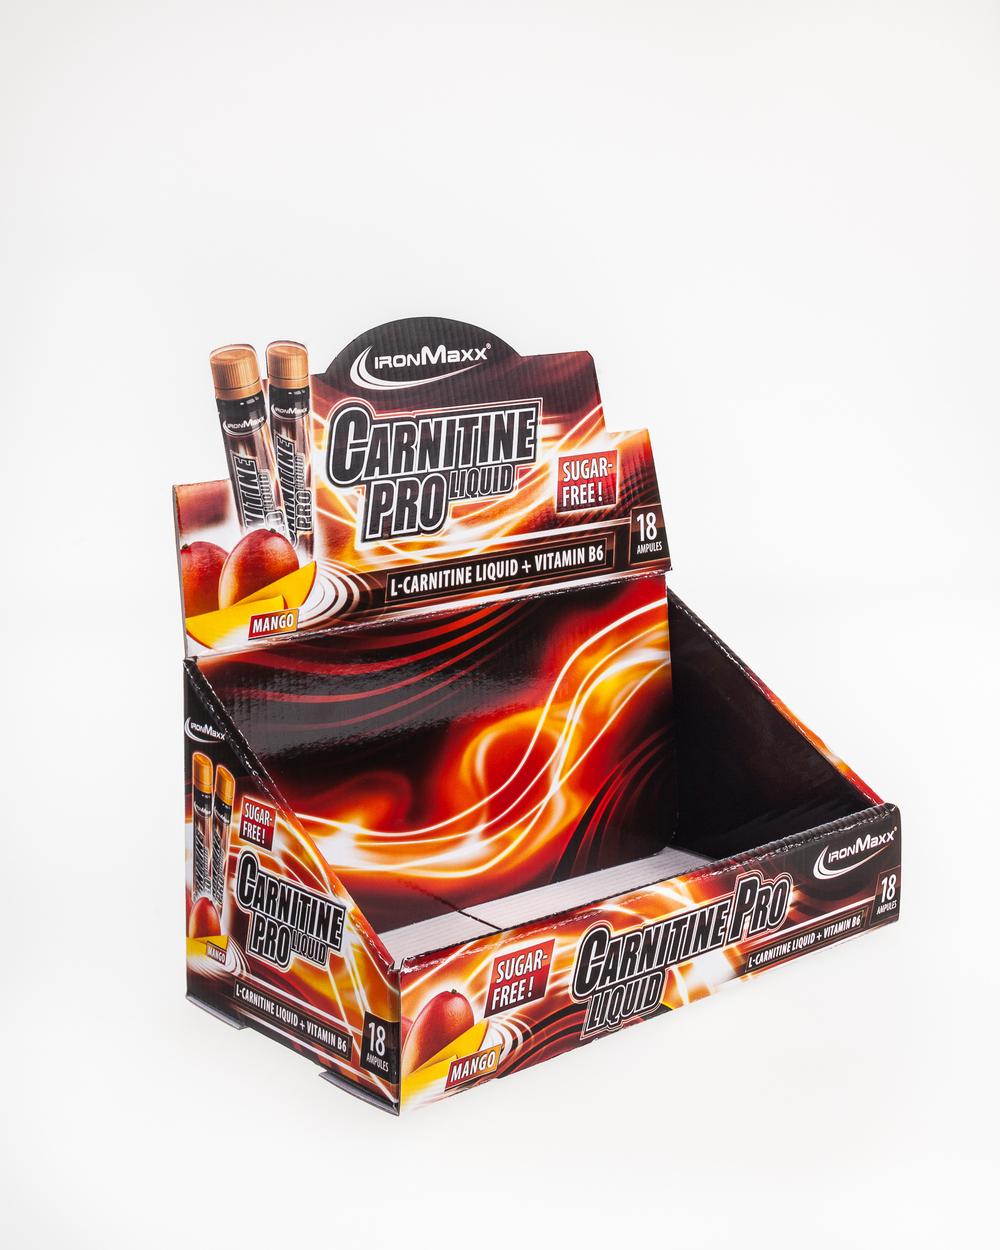 Productfotografie Verpakkingen